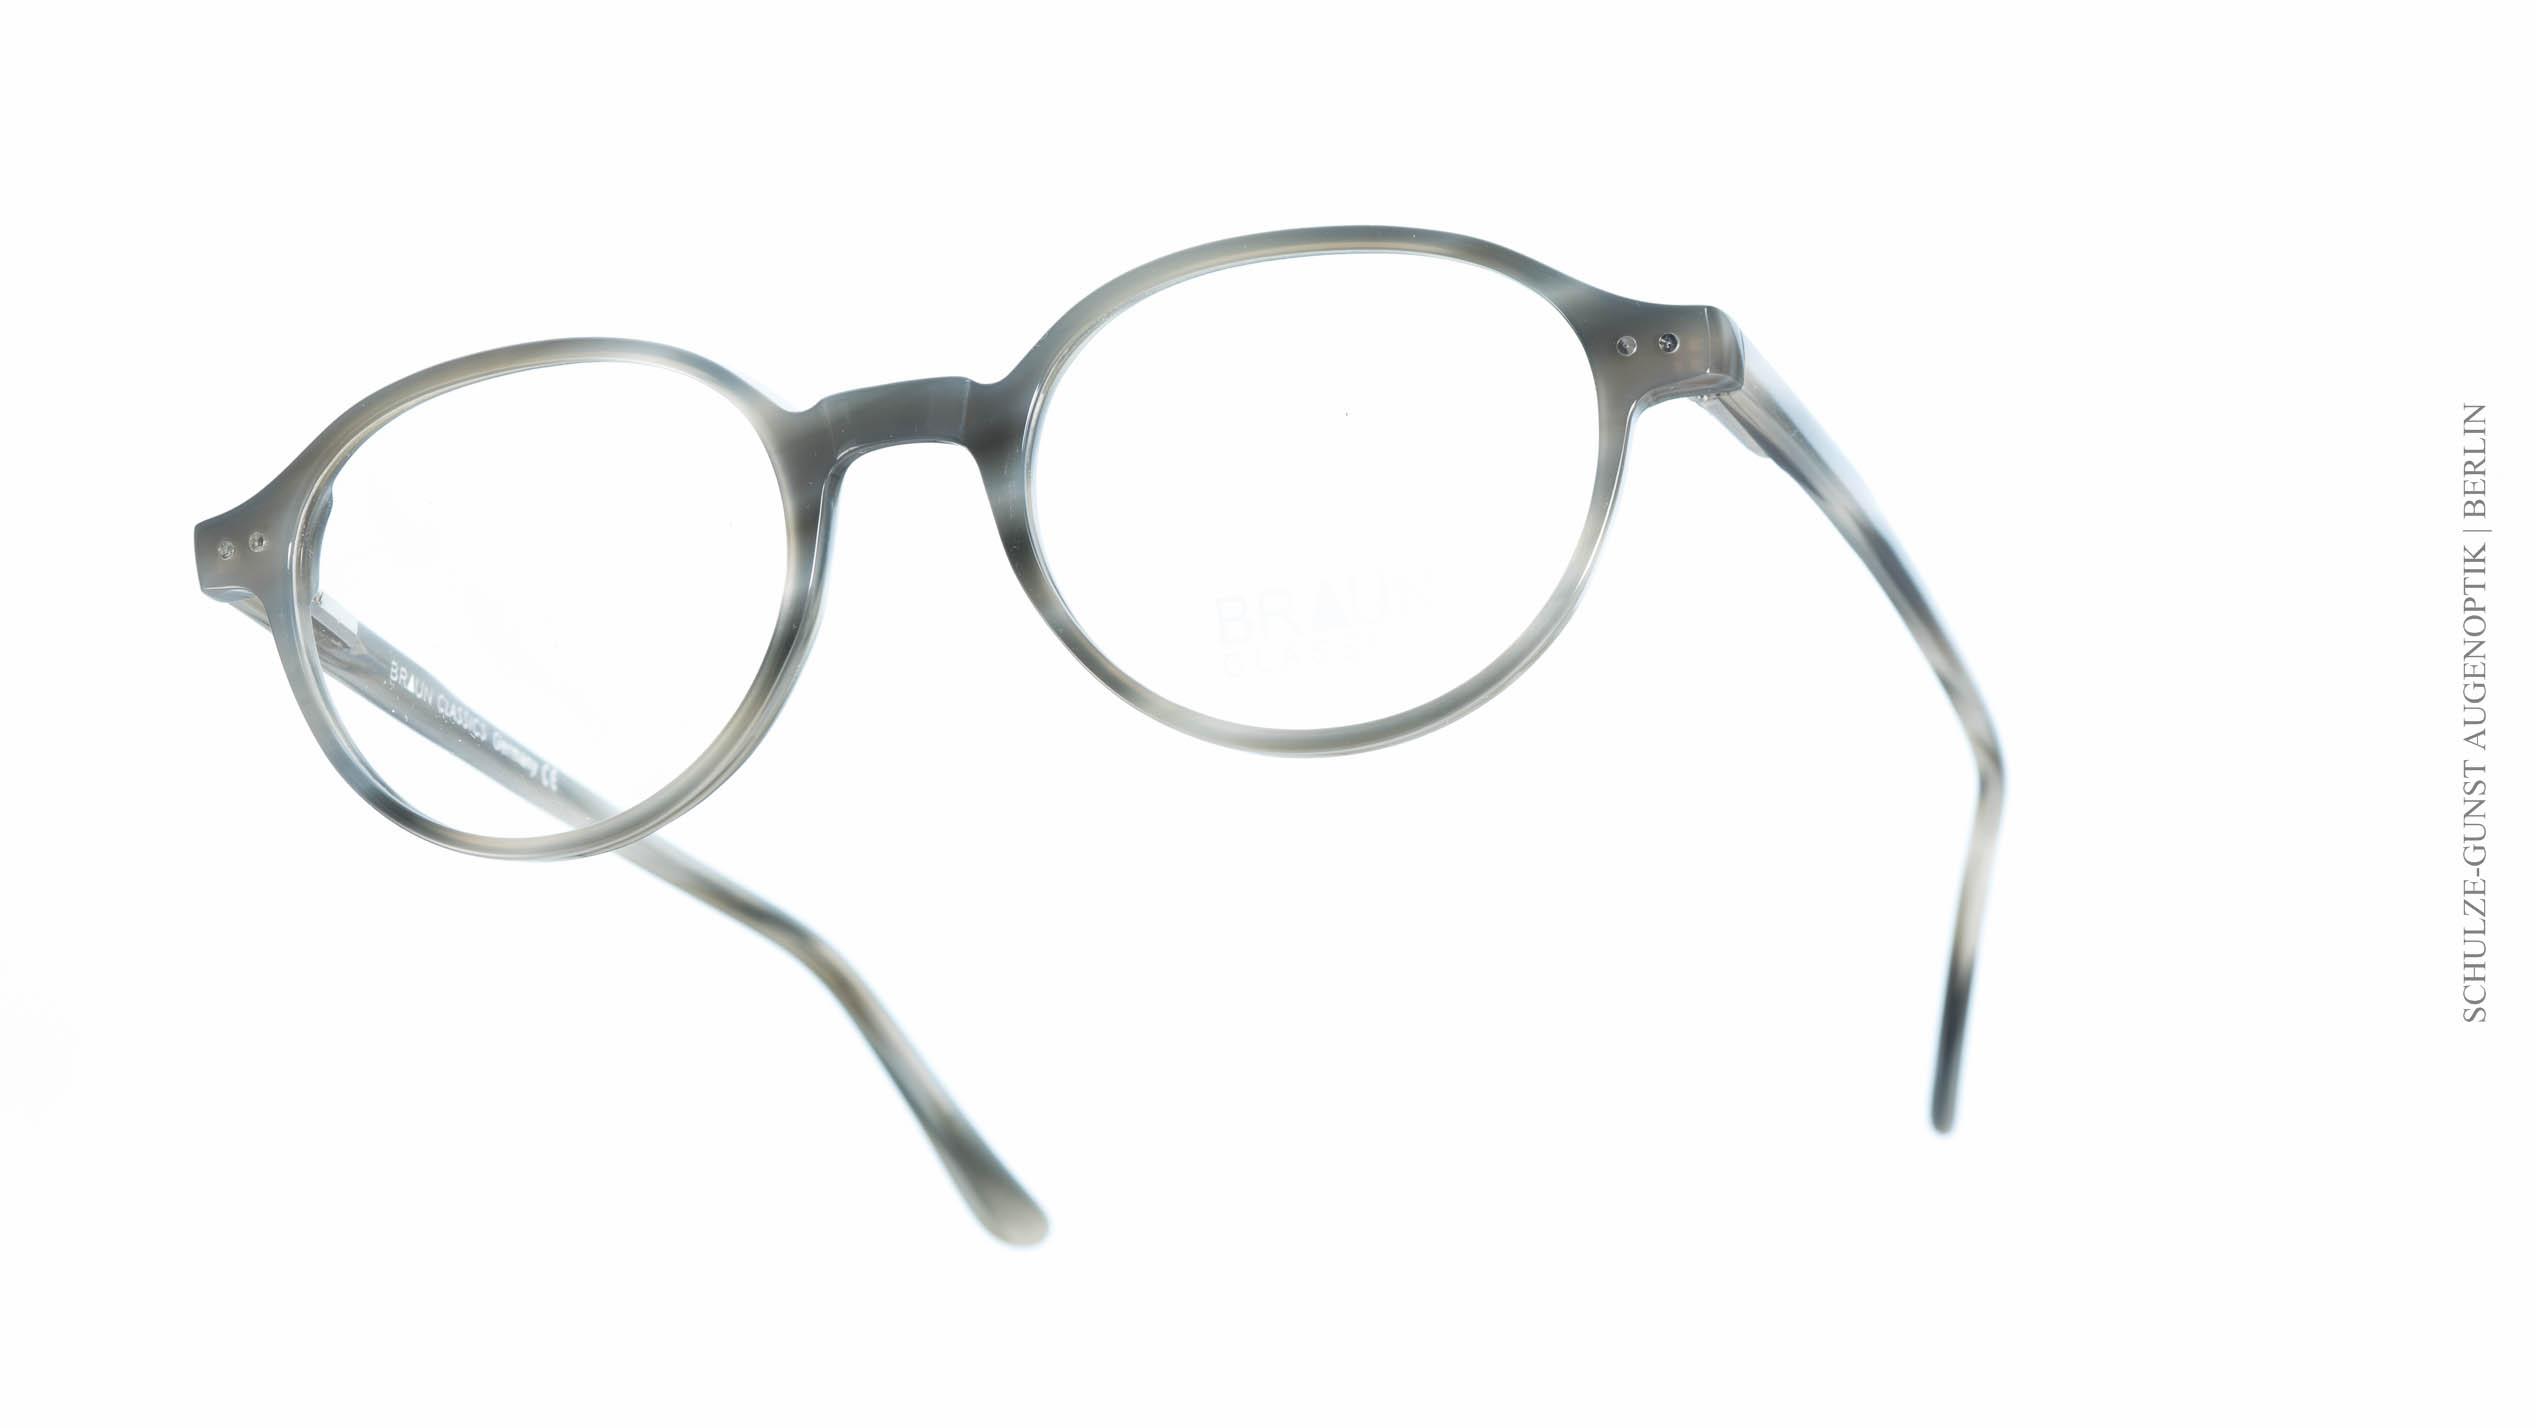 starke verpackung authentische Qualität Niedriger Verkaufspreis braun-classics-herrenbrille Archive - SCHULZE-GUNST ...